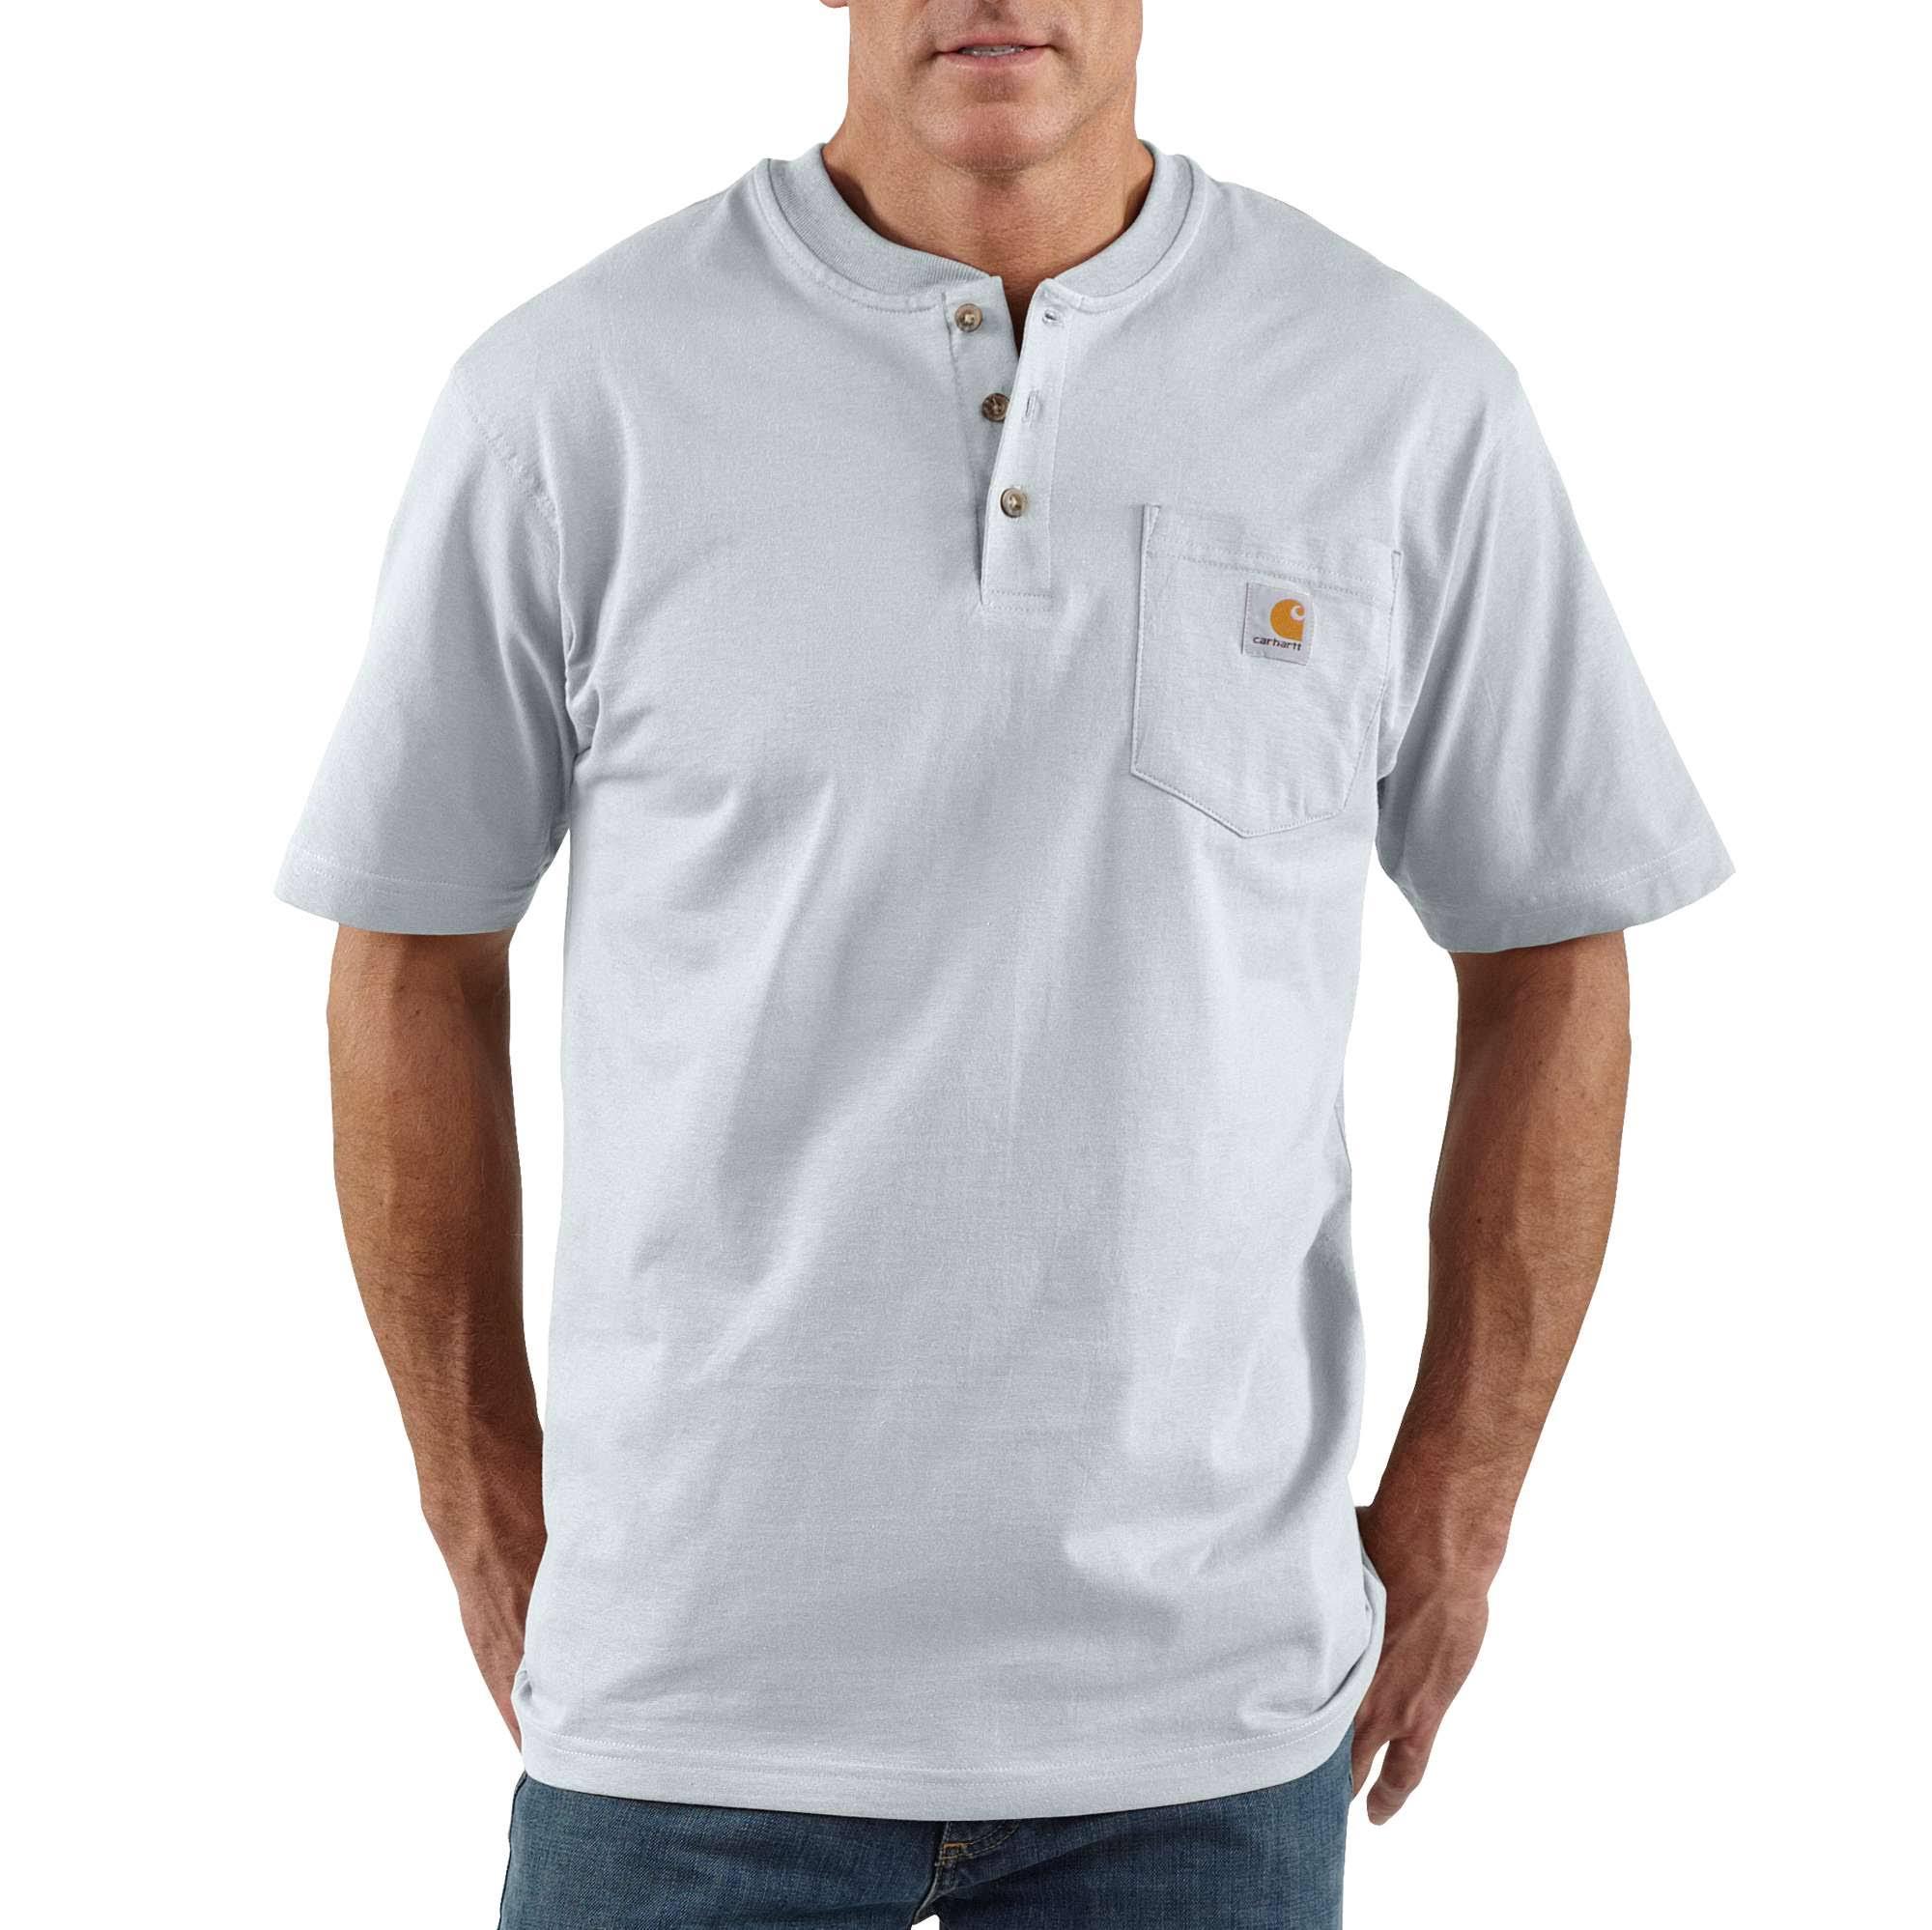 Tamaño En Punto 4xl Tiendas Camiseta El Tall Original Ajuste Gris Escenario Sólido De Carhartt Mw amp; Con Jersey Color Big Claro Workwear qS6UU0